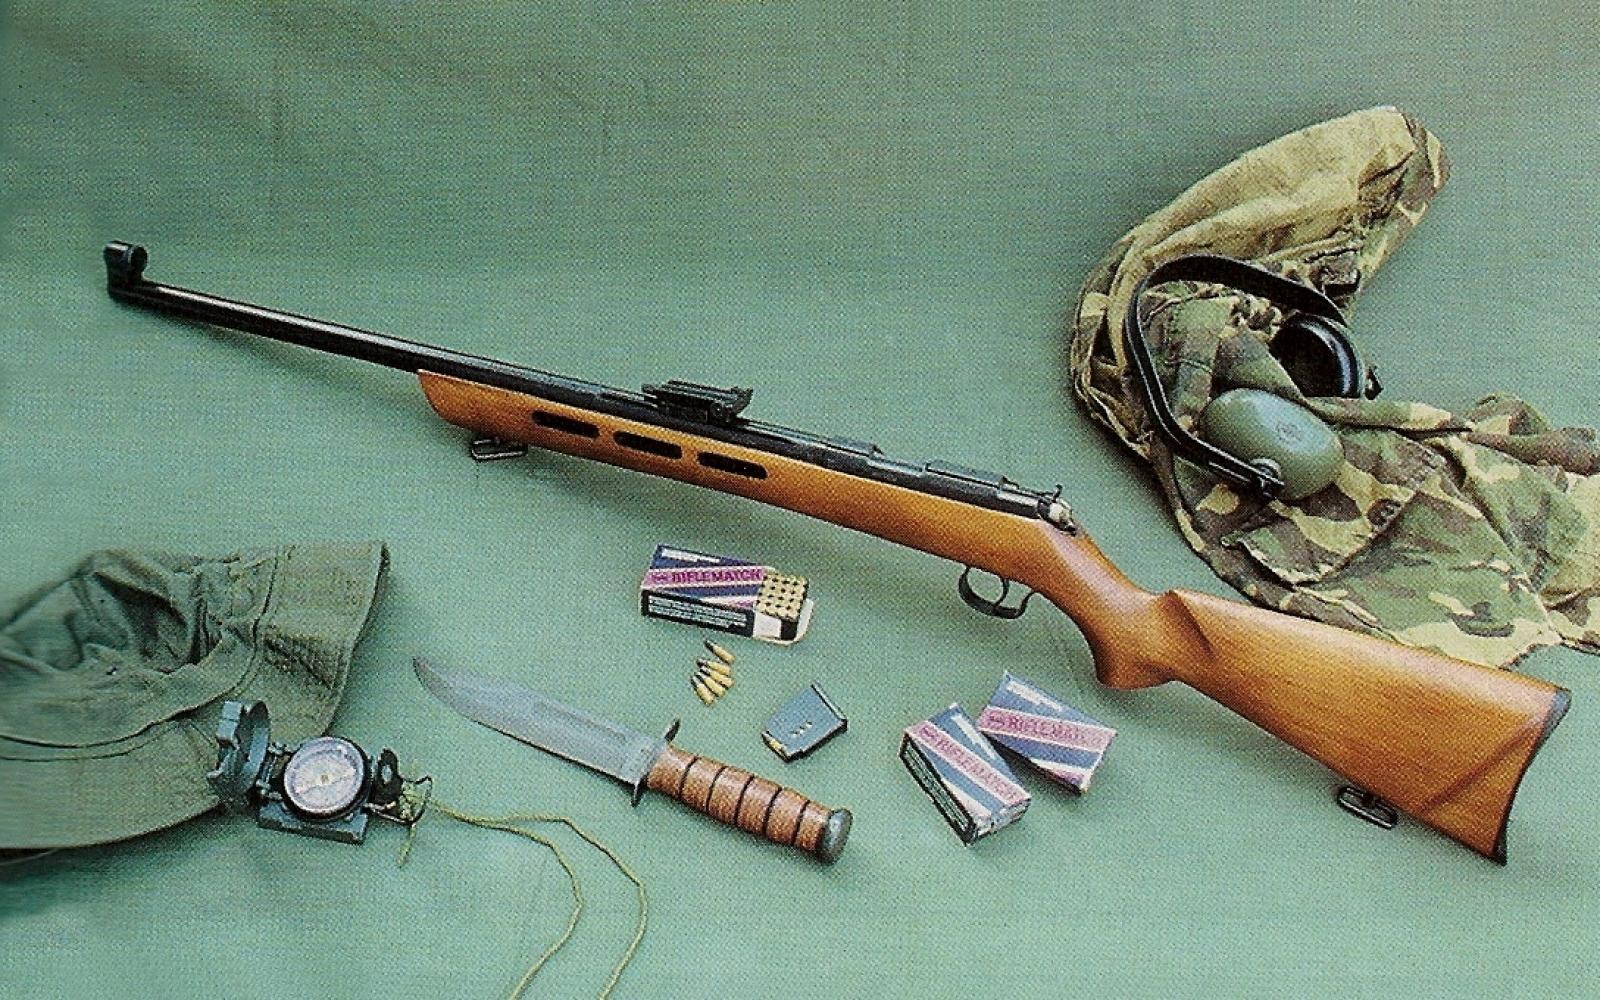 Cette carabine de petit calibre au canon lourd et à l'allure quelque peu militaire est essentiellement destinée au tir sportif.